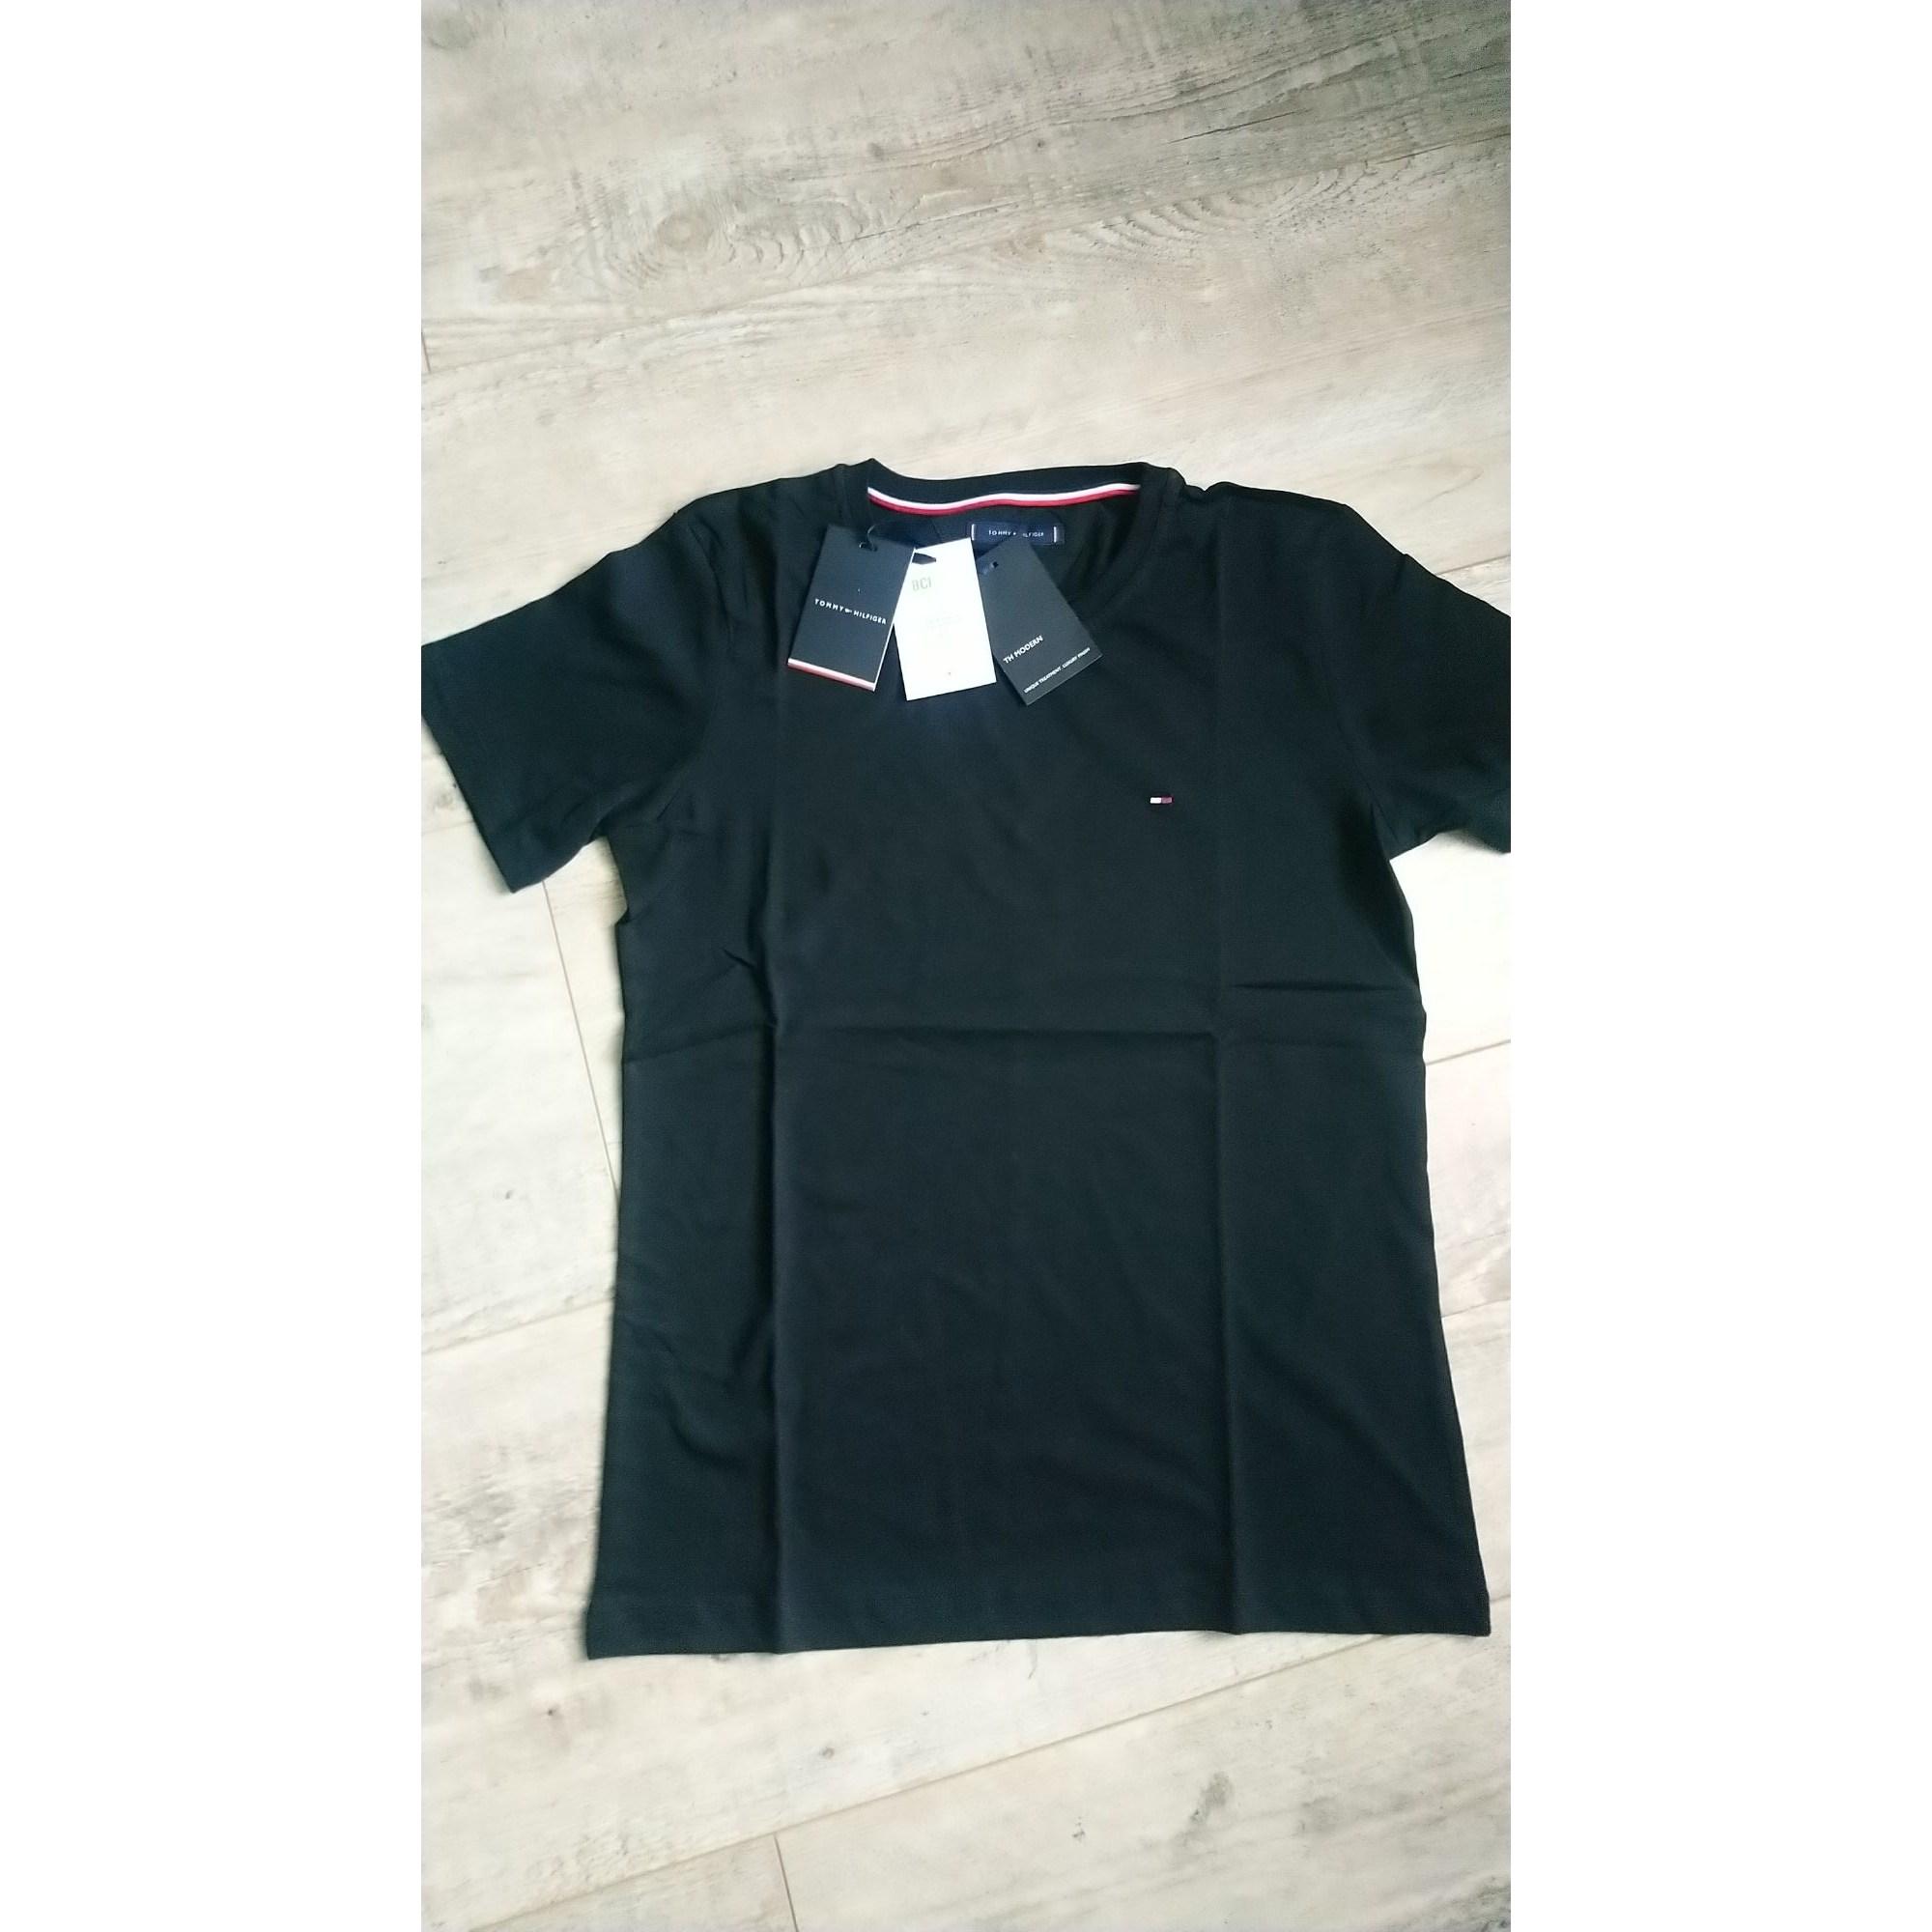 Tee-shirt TOMMY HILFIGER Noir